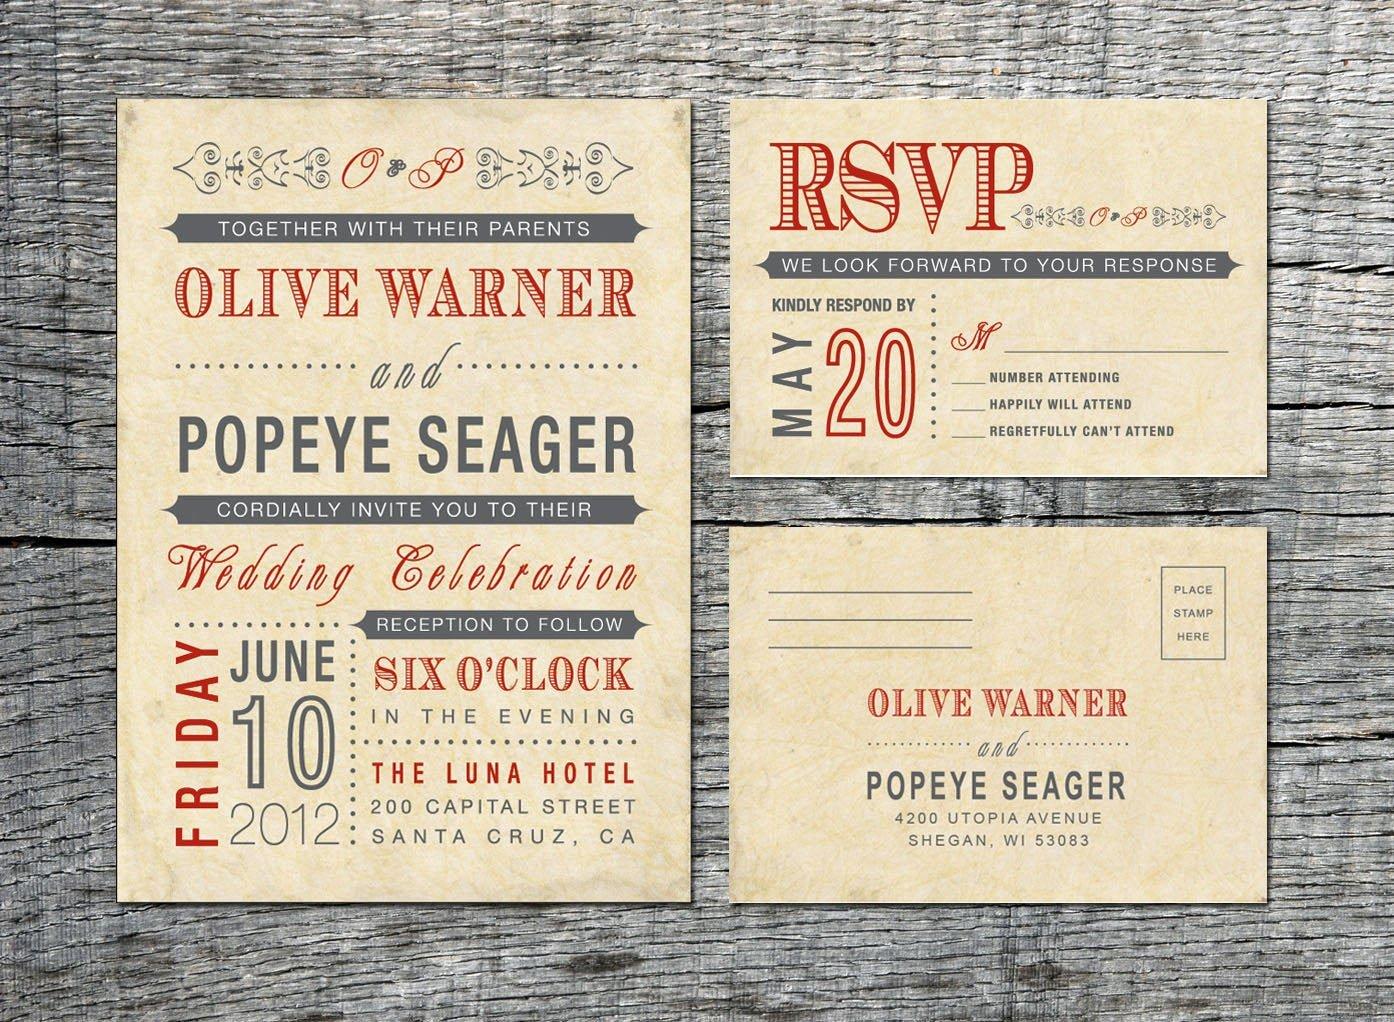 Vintage Wedding Invites Templates Luxury Vintage Wedding Invitation & Rsvp Card Old Fashioned Style